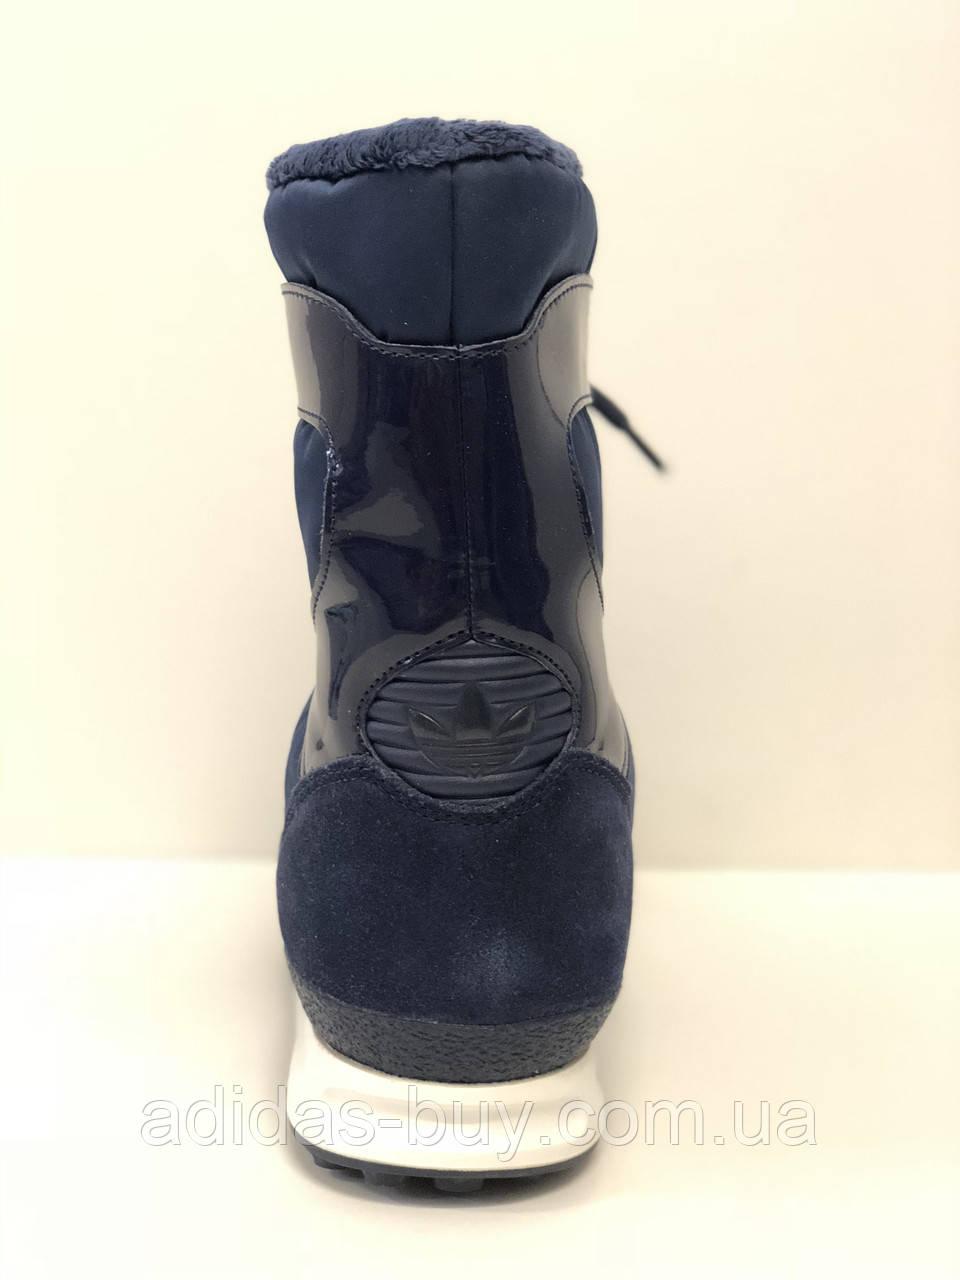 927ce4bad ... Женские оригинальные зимние сапоги adidas Snowrush S81384 цвет - синий  5 ...